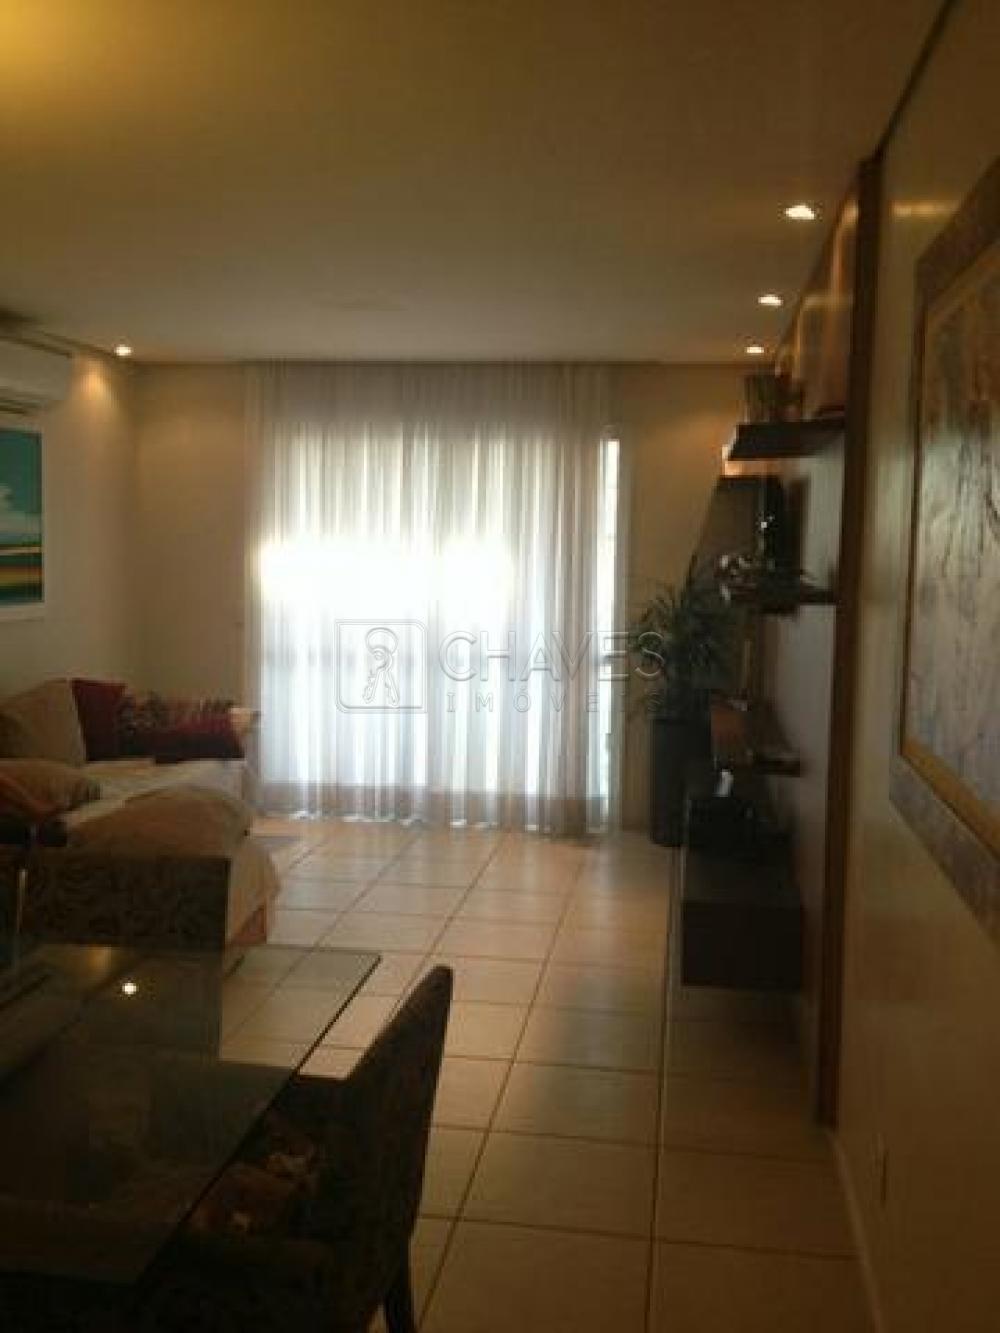 Ribeirao Preto Apartamento Venda R$490.000,00 Condominio R$615,00 3 Dormitorios 1 Suite Area construida 105.00m2